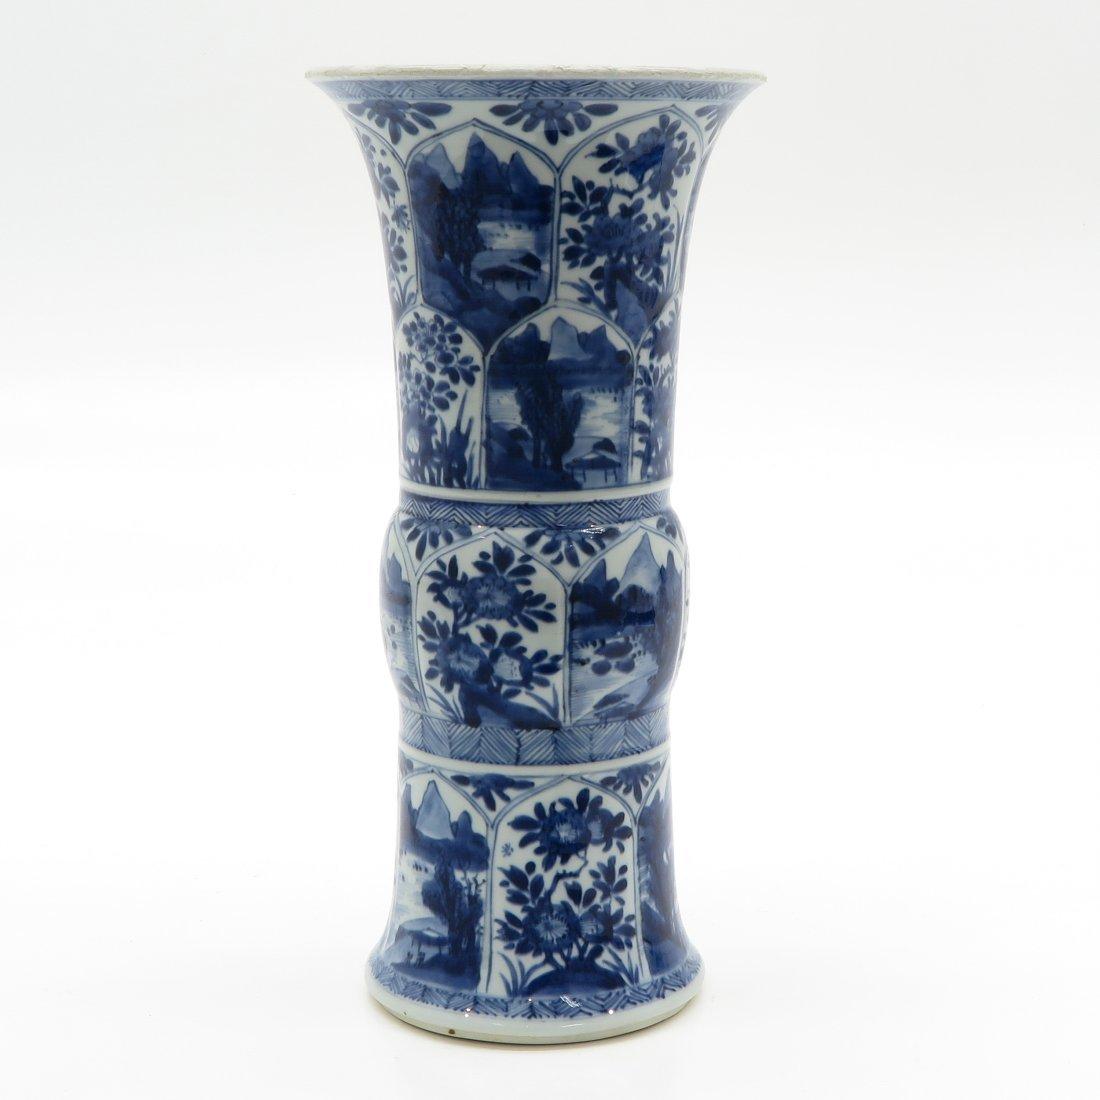 China Porcelain Kangxi Period Vase - 2